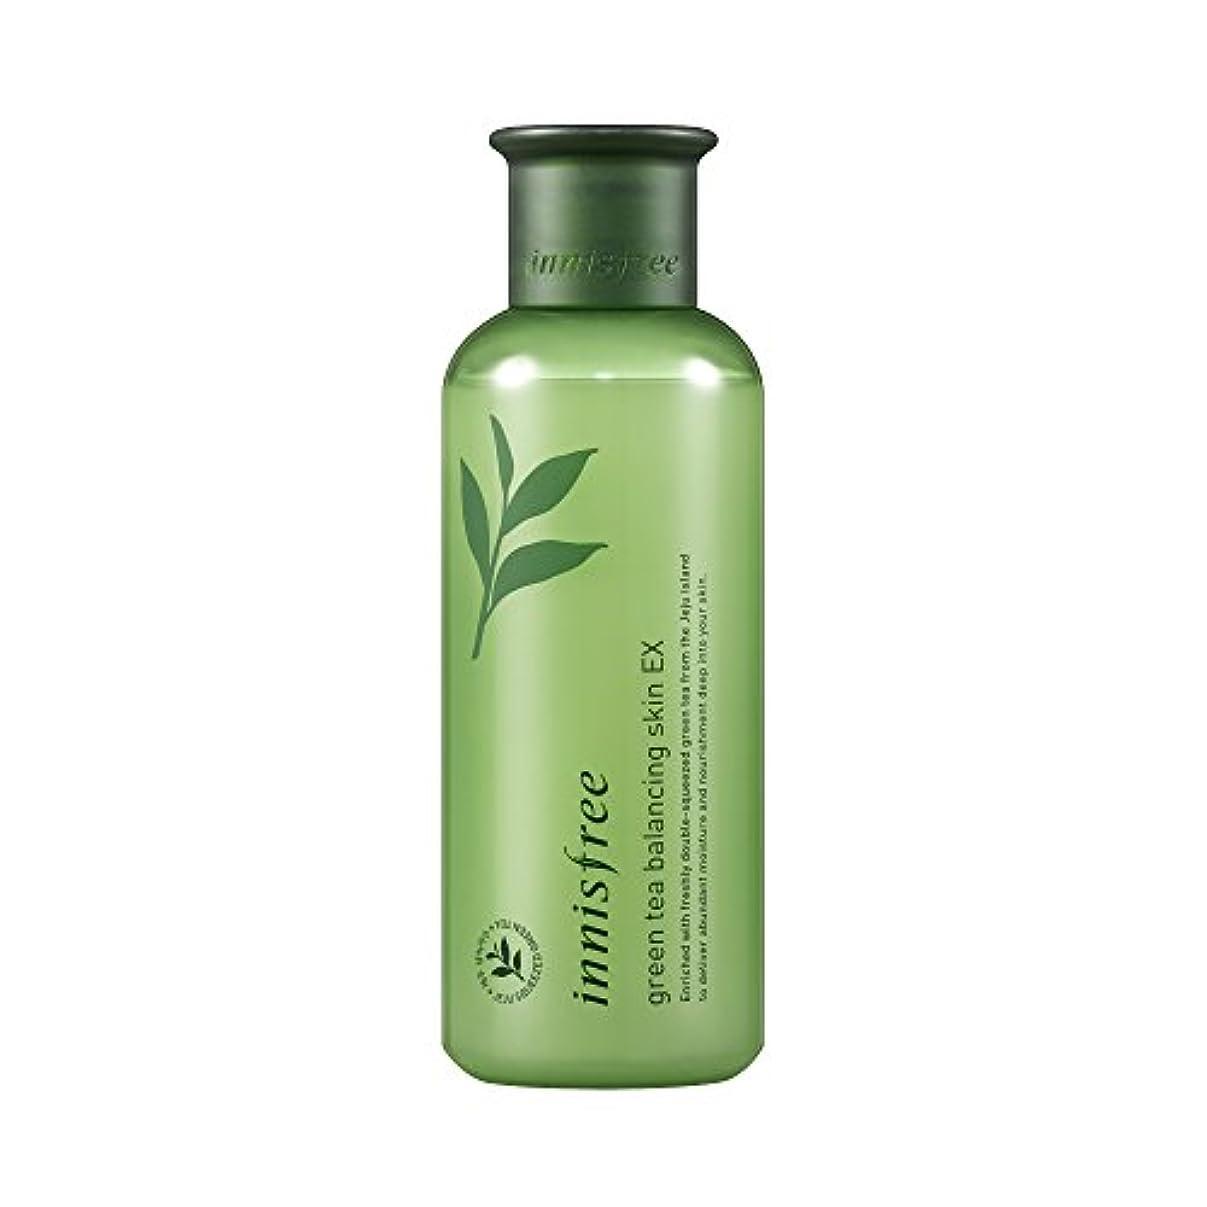 イニスフリー日本公式(innisfree) グリーンティー バランシングスキン[化粧水]200mL